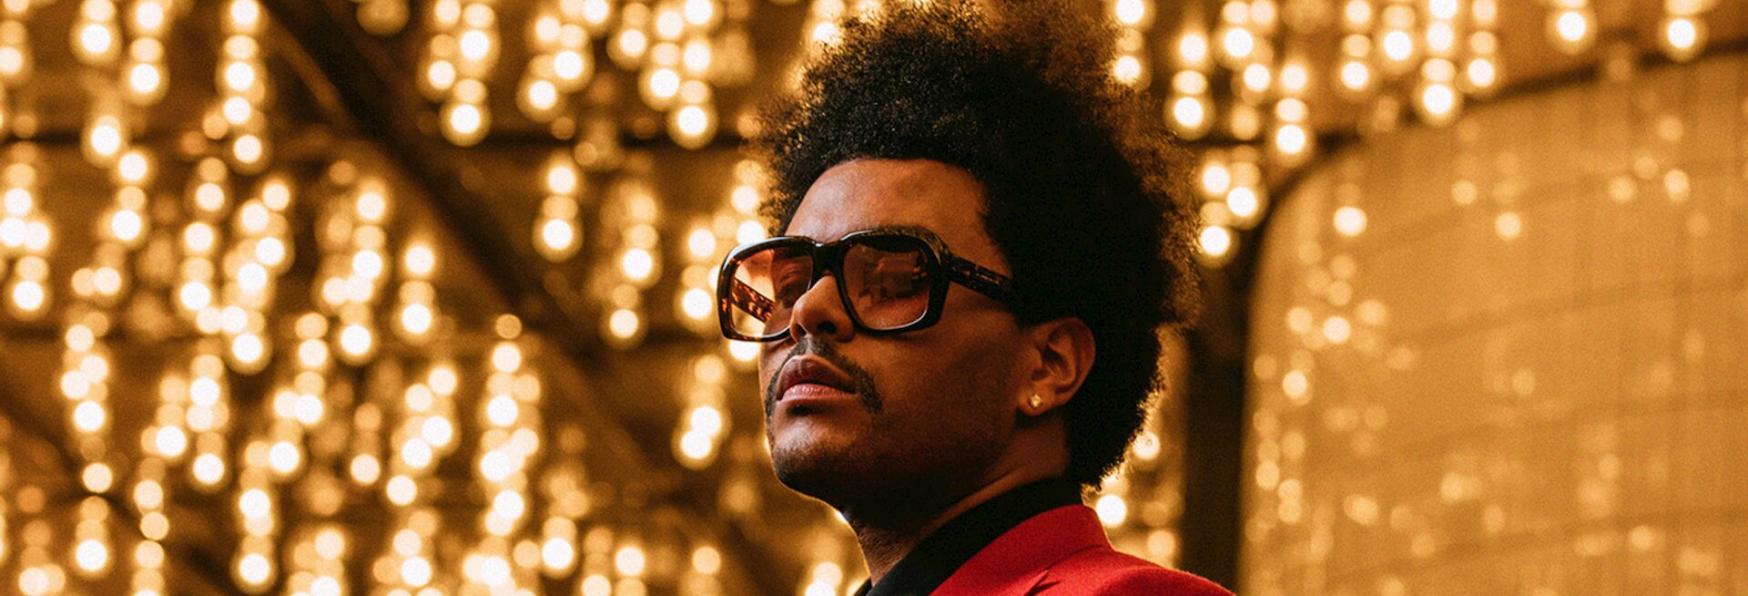 The Weeknd reciterà in The Idol, nuova Serie TV HBO del Creatore di Euphoria